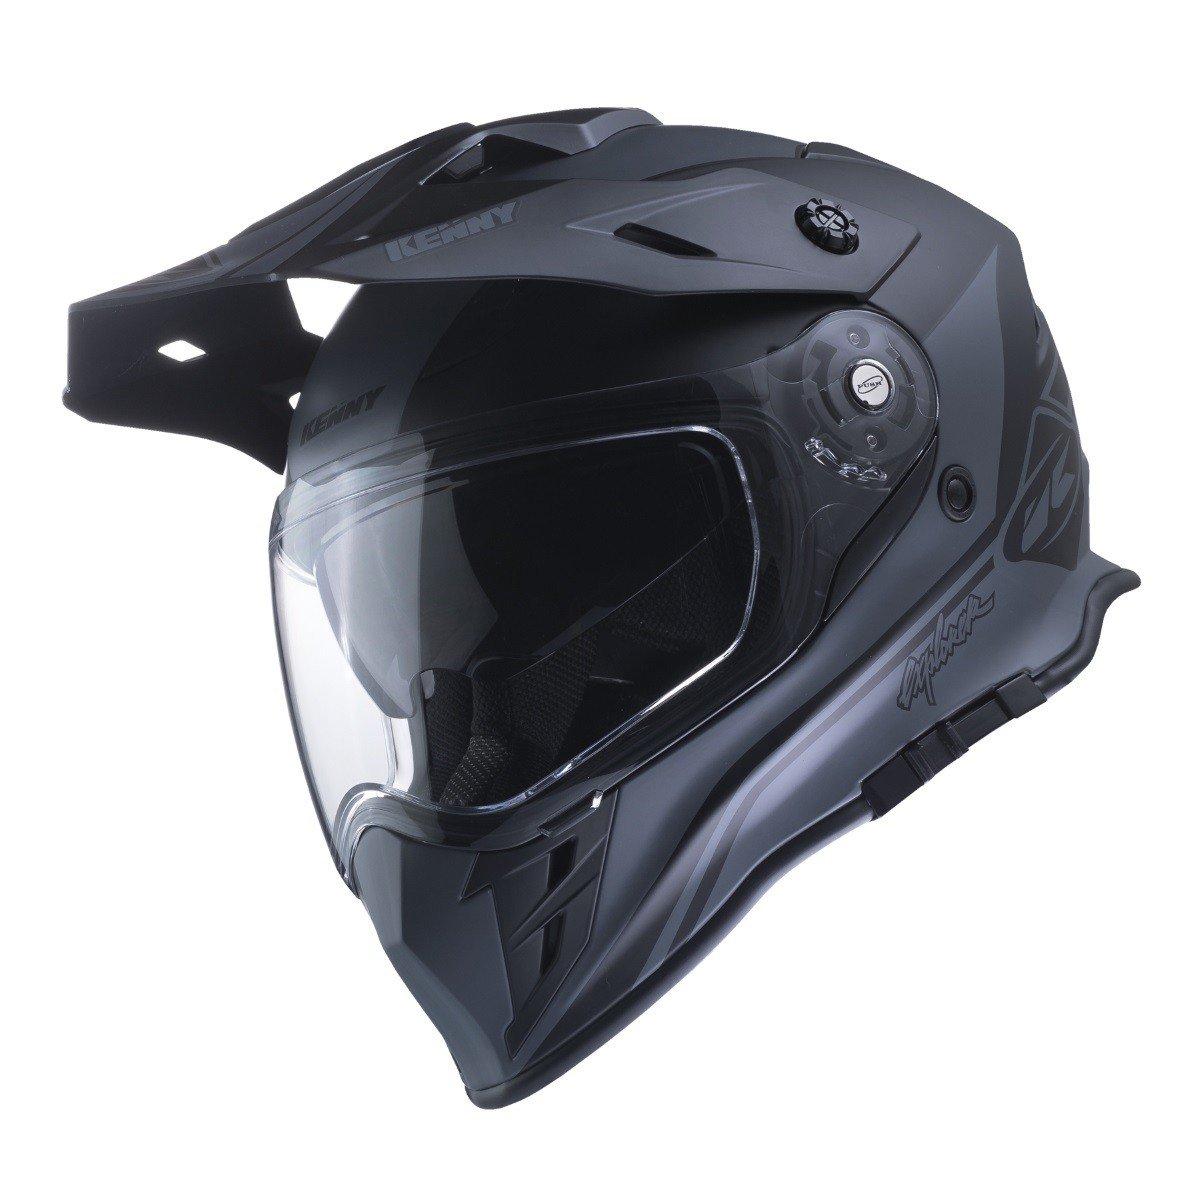 Motocyklová enduro přilba KENNY Explorer 17 (šedá/černá) XS (53/54)